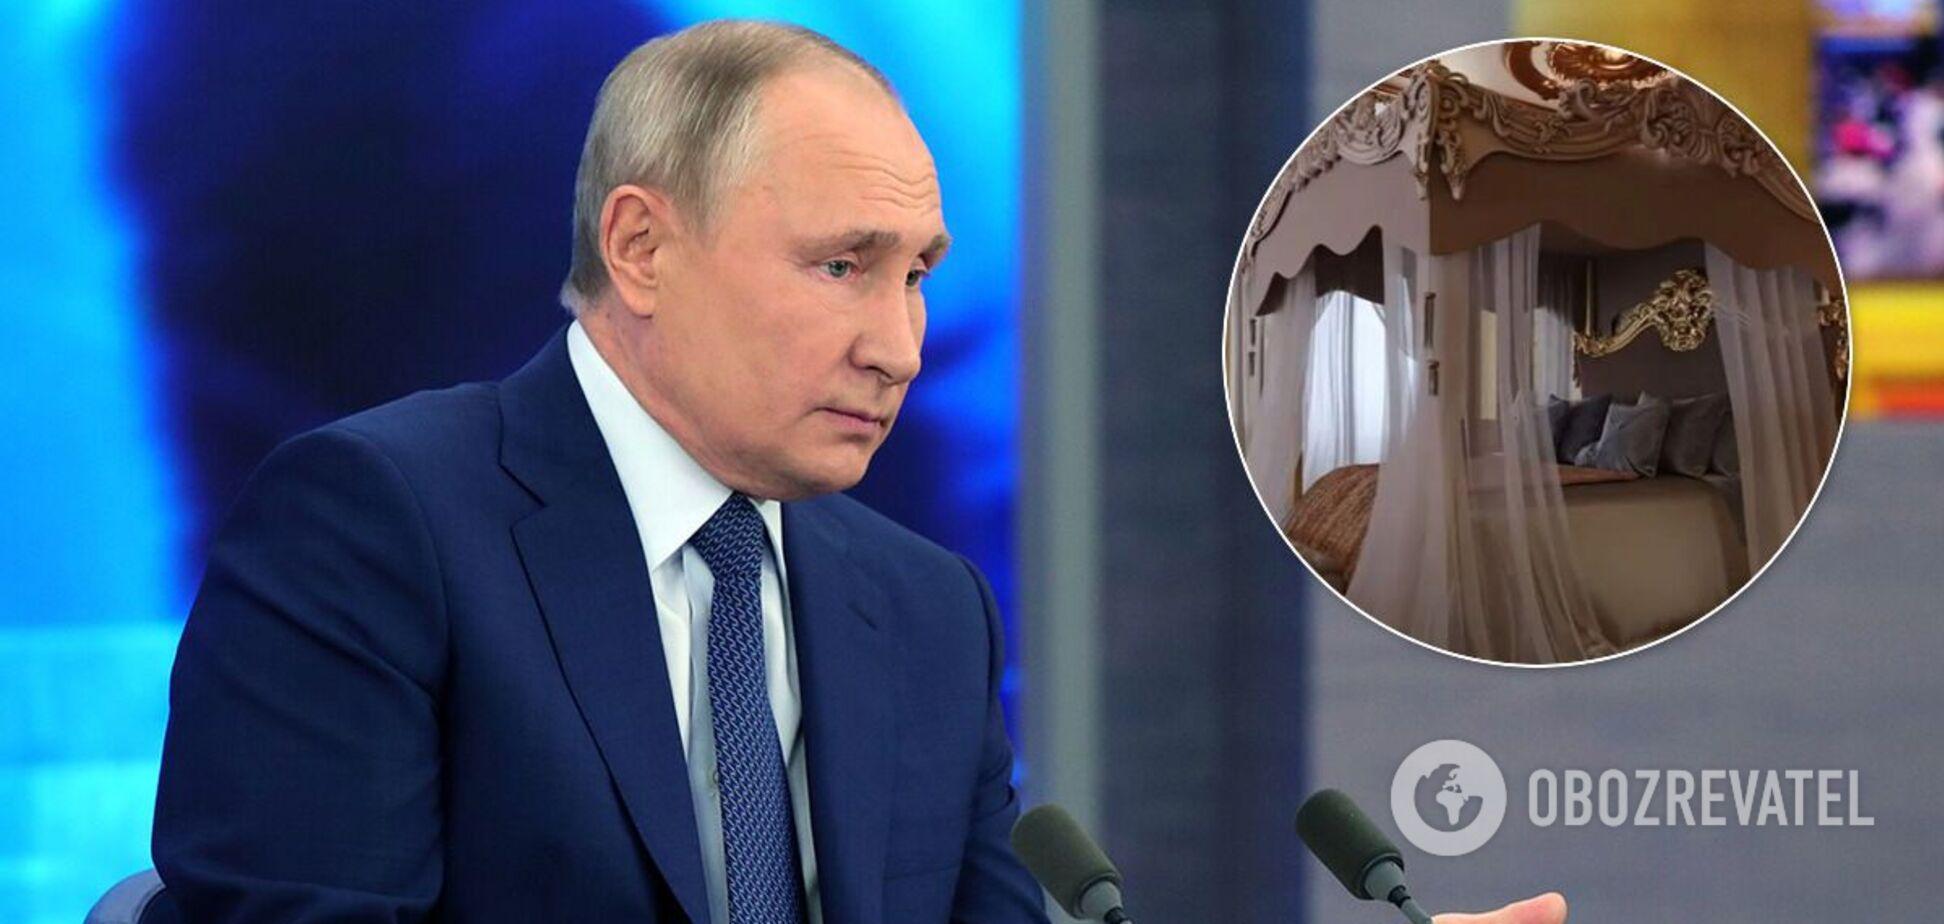 В ефірі 'Росії-1' заявили про 'грошах США' для фільму про палац Путіна